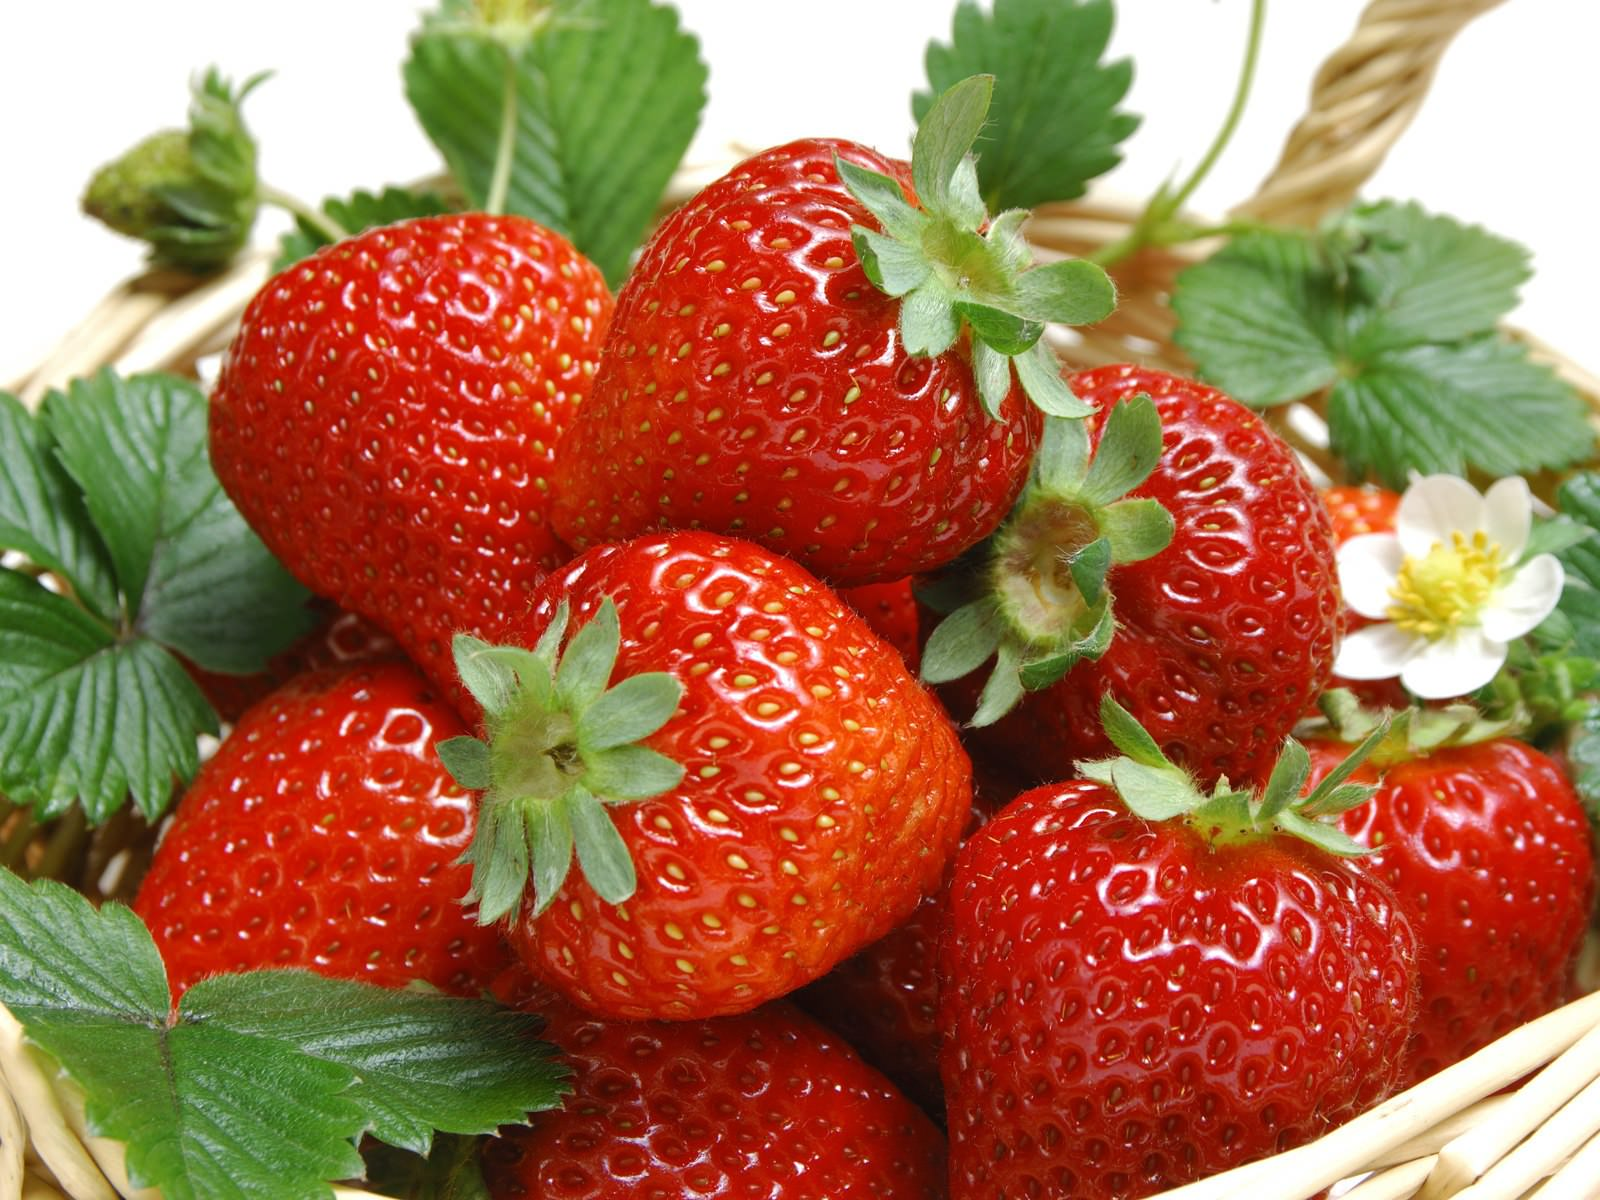 выбор клубники, хорошая и спелая, красивая, ярко-красная ягода